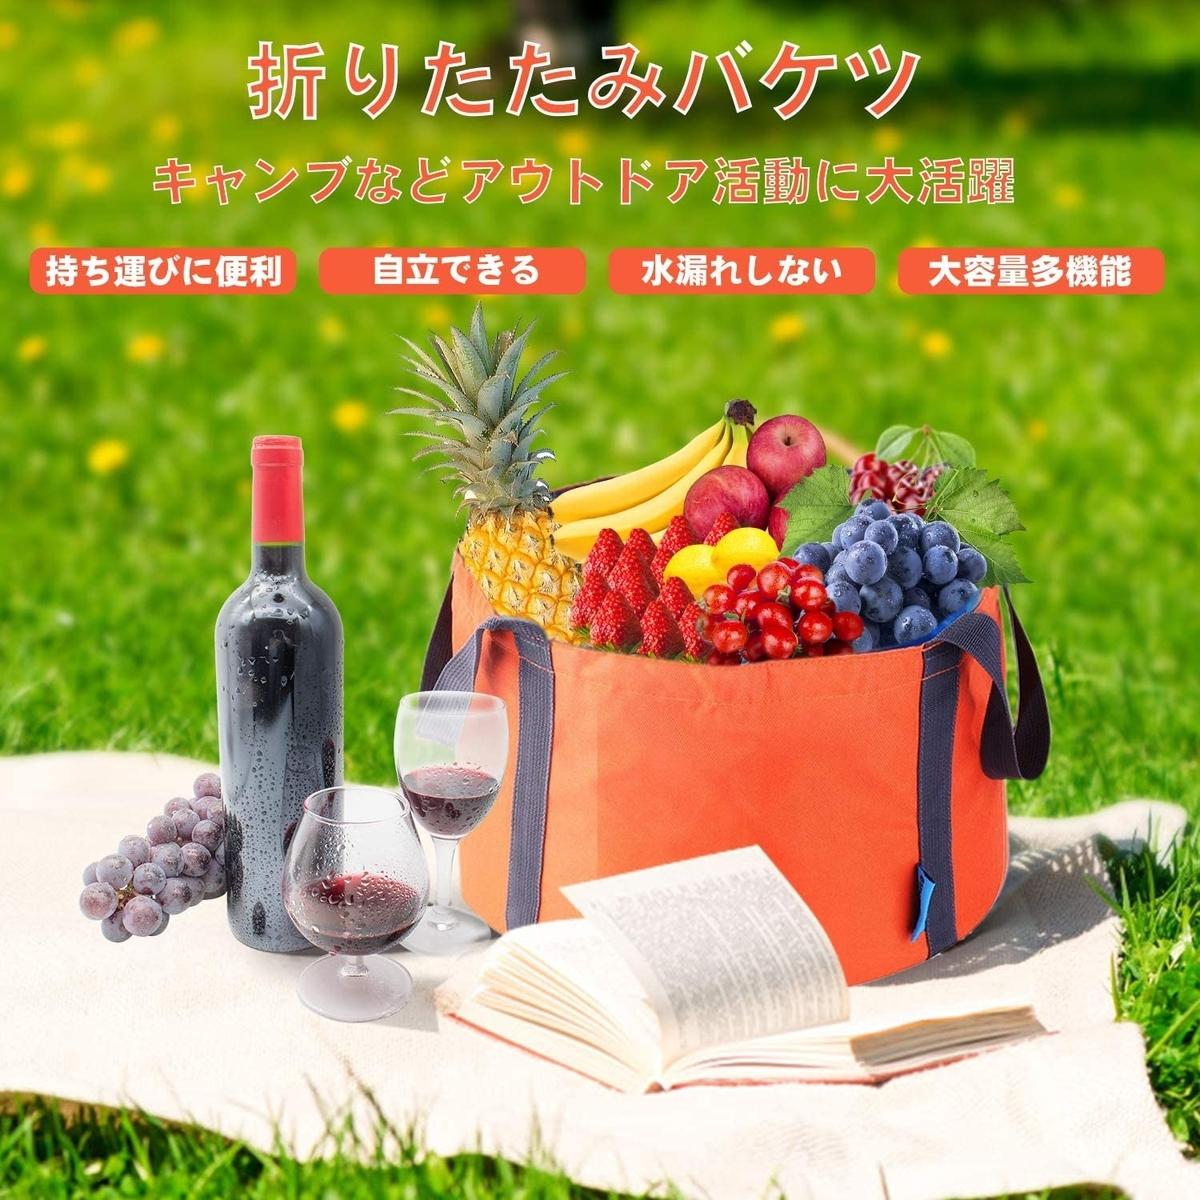 f:id:kikukikuku:20210129124026j:plain